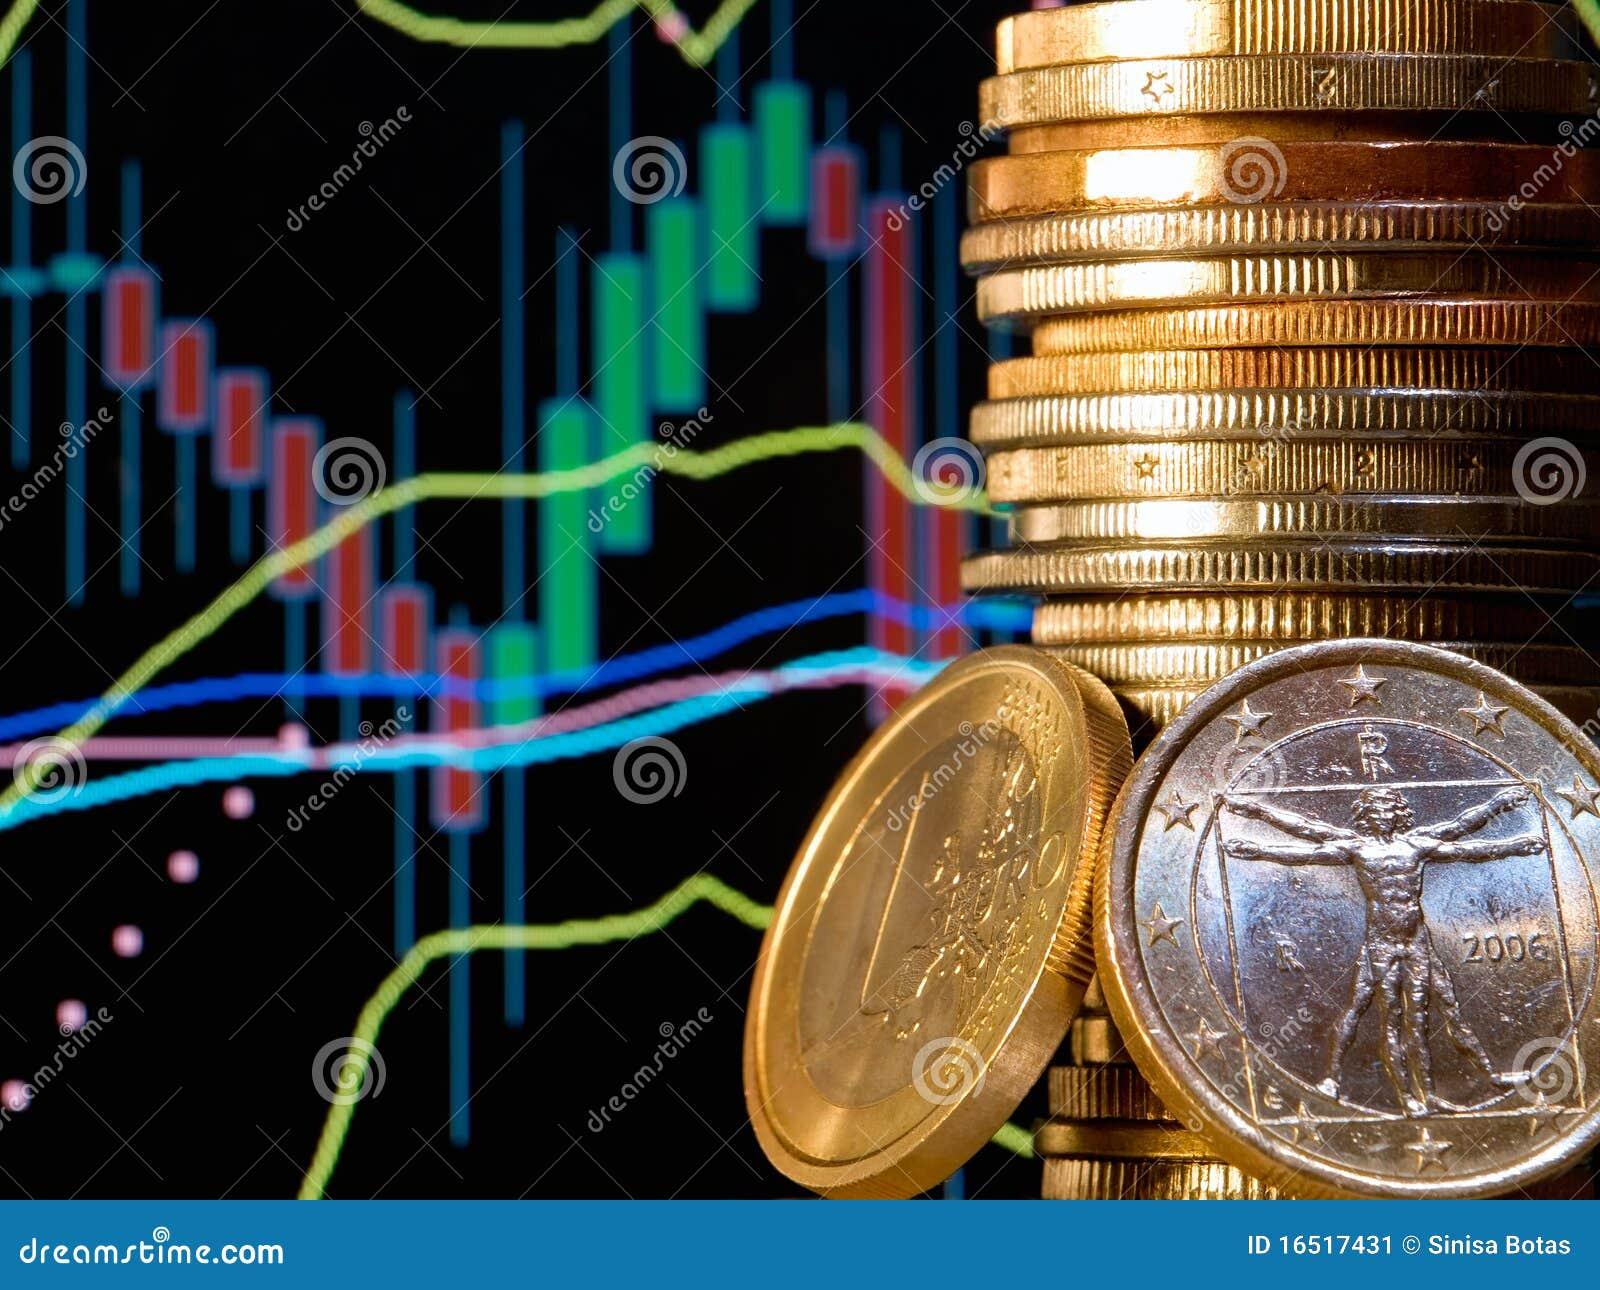 International forex market view